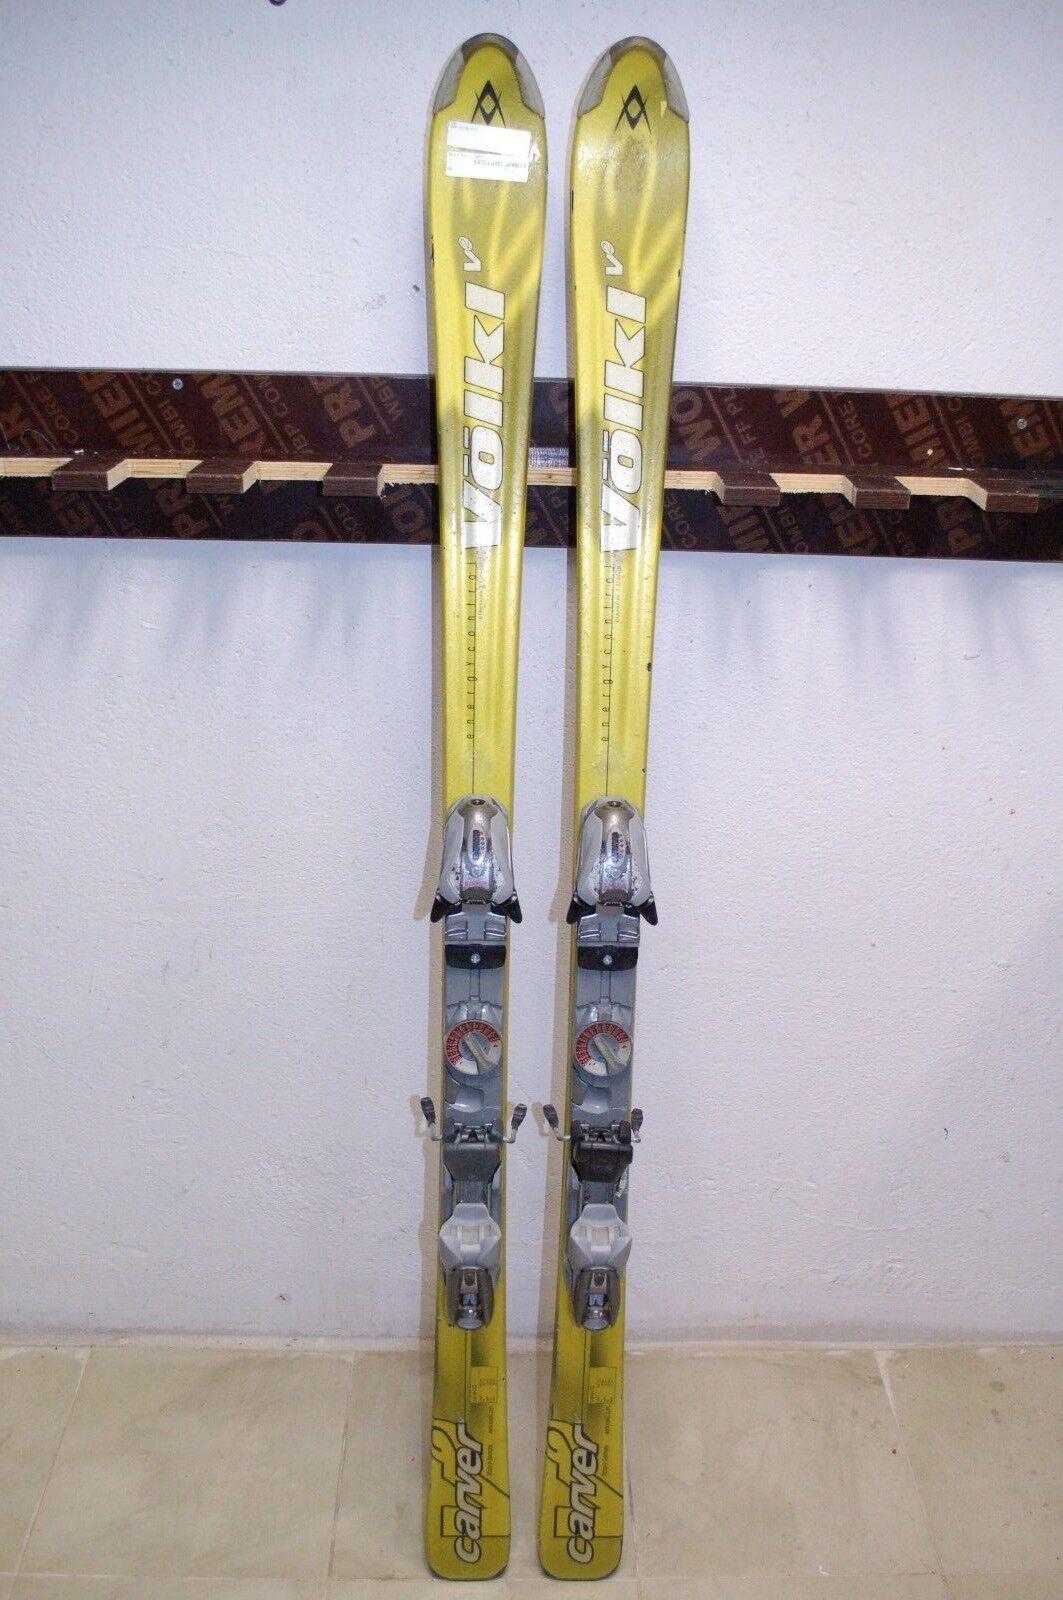 Volkl Carver V2 156 cm Ski + Marker M 10 Bindings